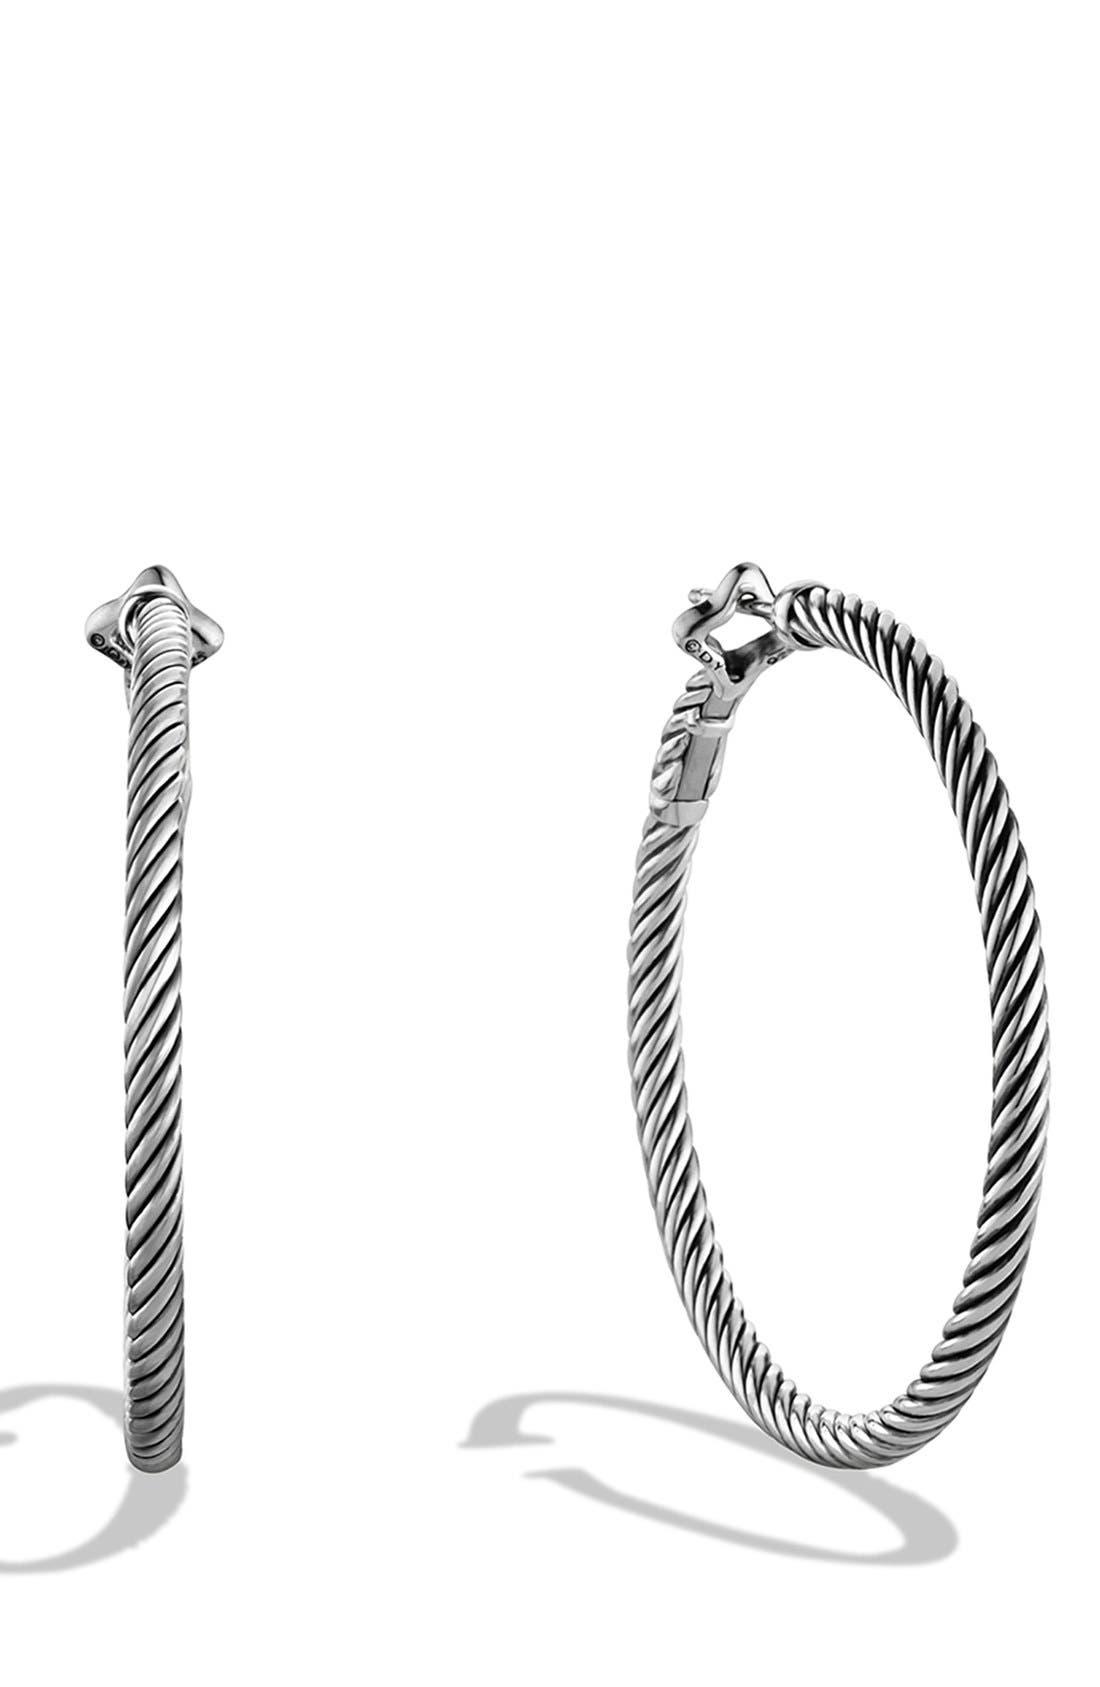 DAVID YURMAN Cable Classics Large Hoop Earrings